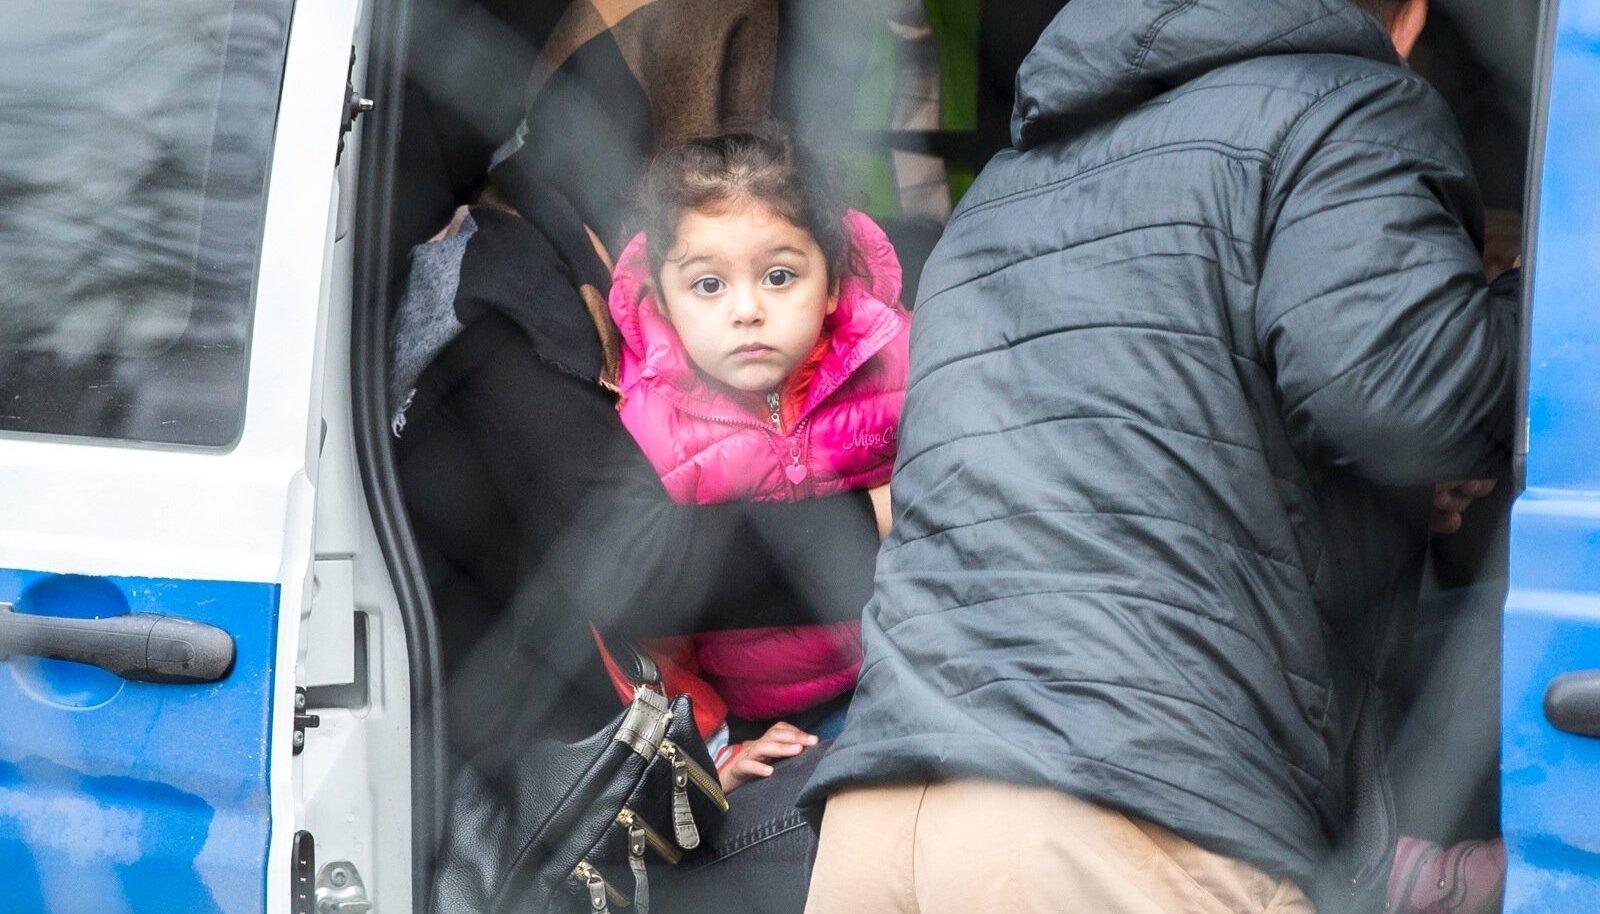 dd249465829 Eesti saatis Bagdadi 3- ja 4-aastased pisitüdrukud